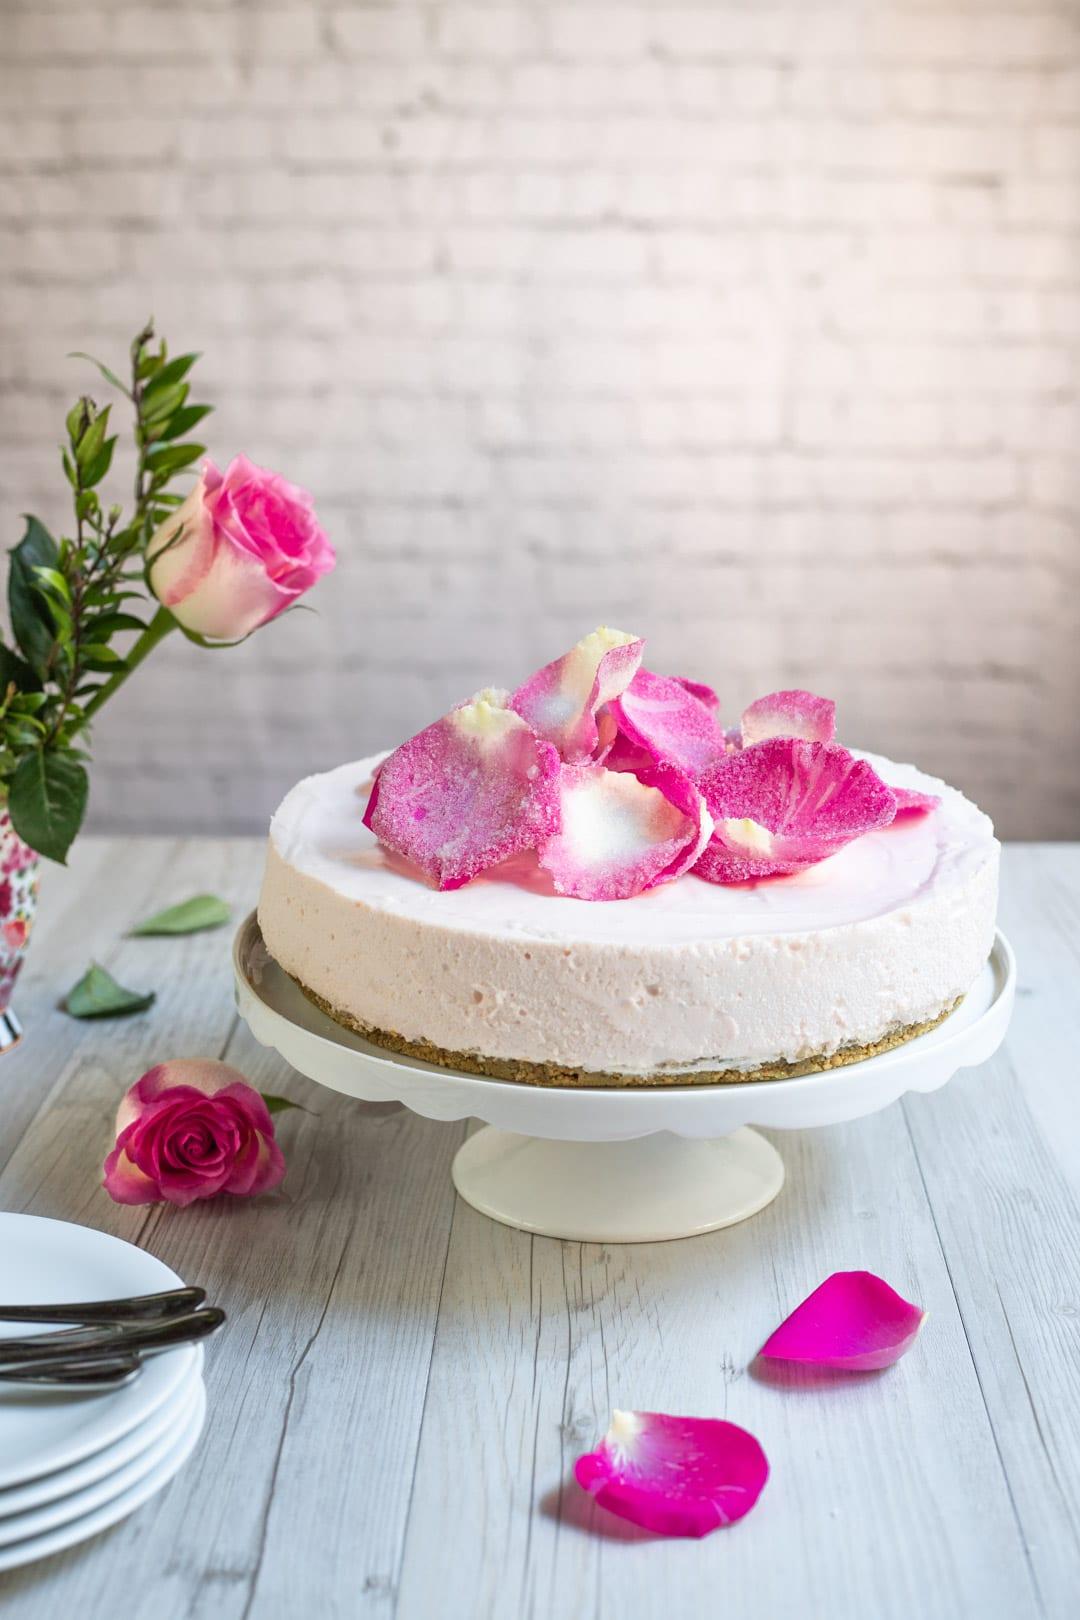 Cheesecake alle rose senza glutine e senza lattosio su alzatina pronta